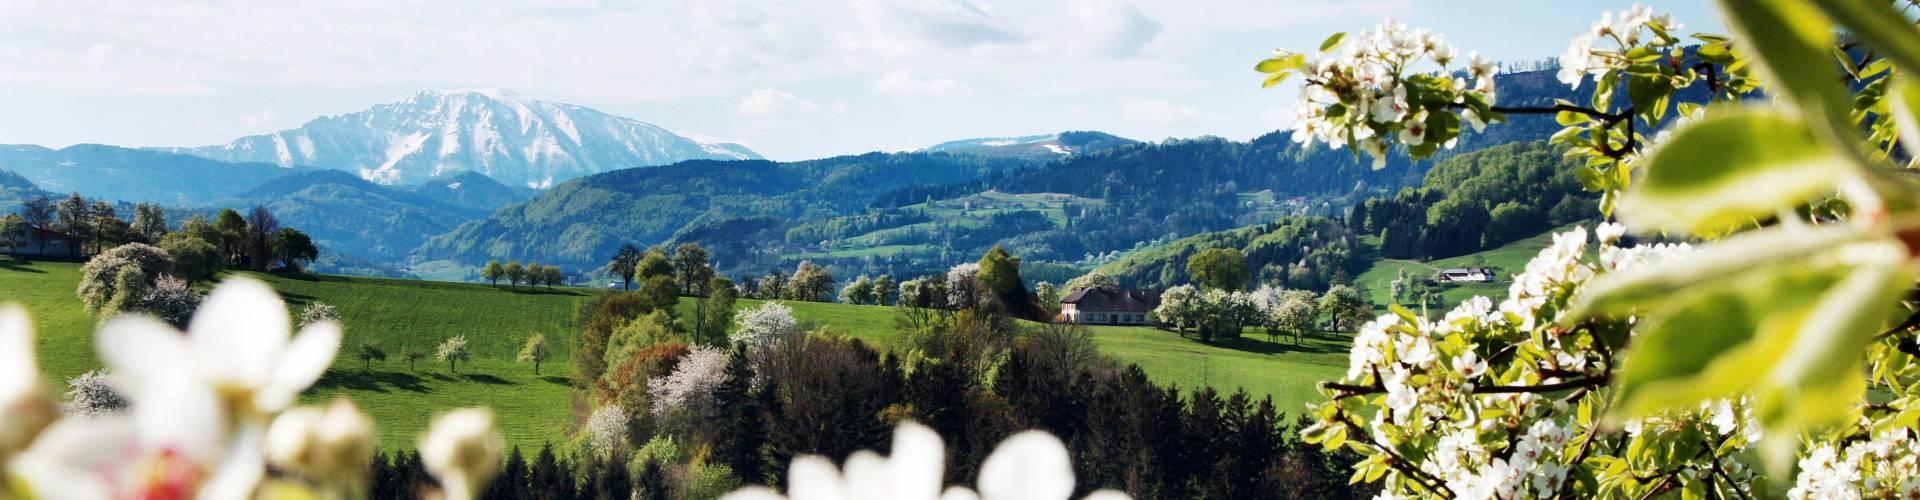 Ötscherblick © weinfranz RE/MAX Immo-Service Melk und Wieselburg, Martin Zehetner Immobilien